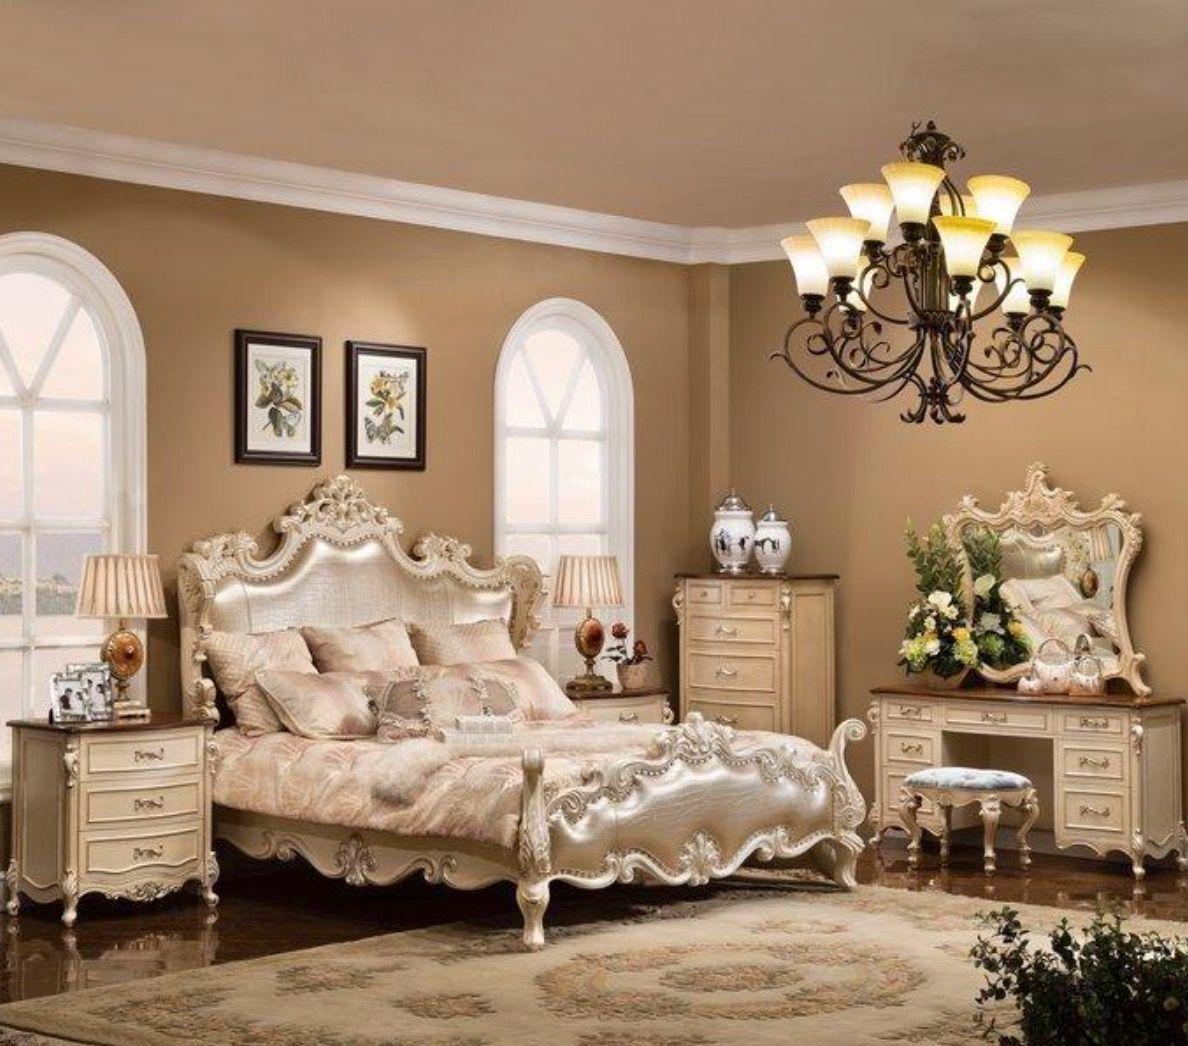 luxury #decor #furniture #accessories #accessory ...